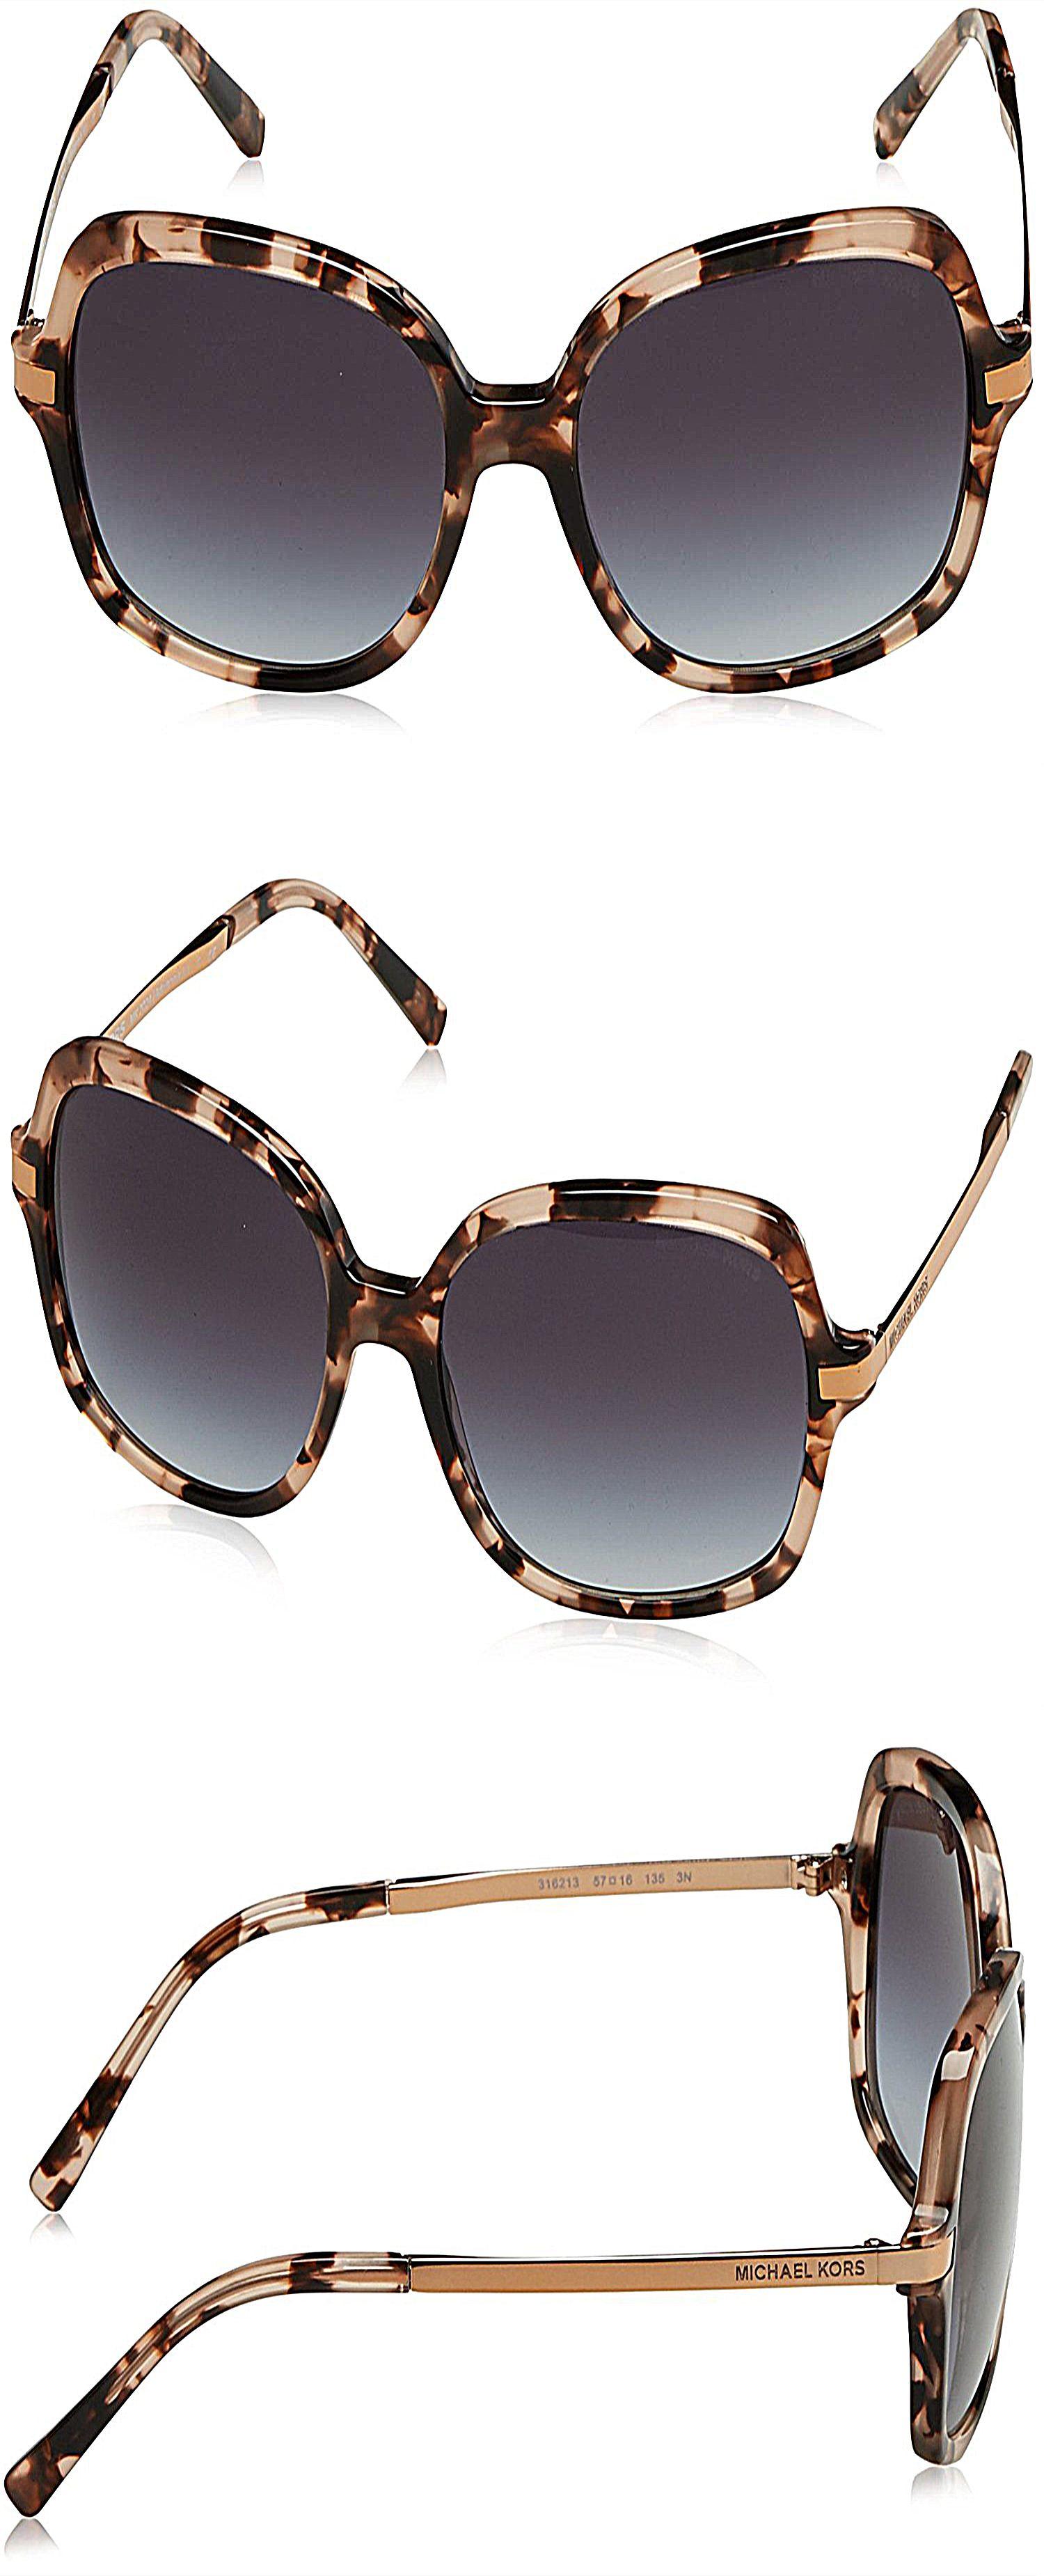 Michael For Kors 0mk2024 SunglassesSunglasses Womens Women KFJ31ulcT5